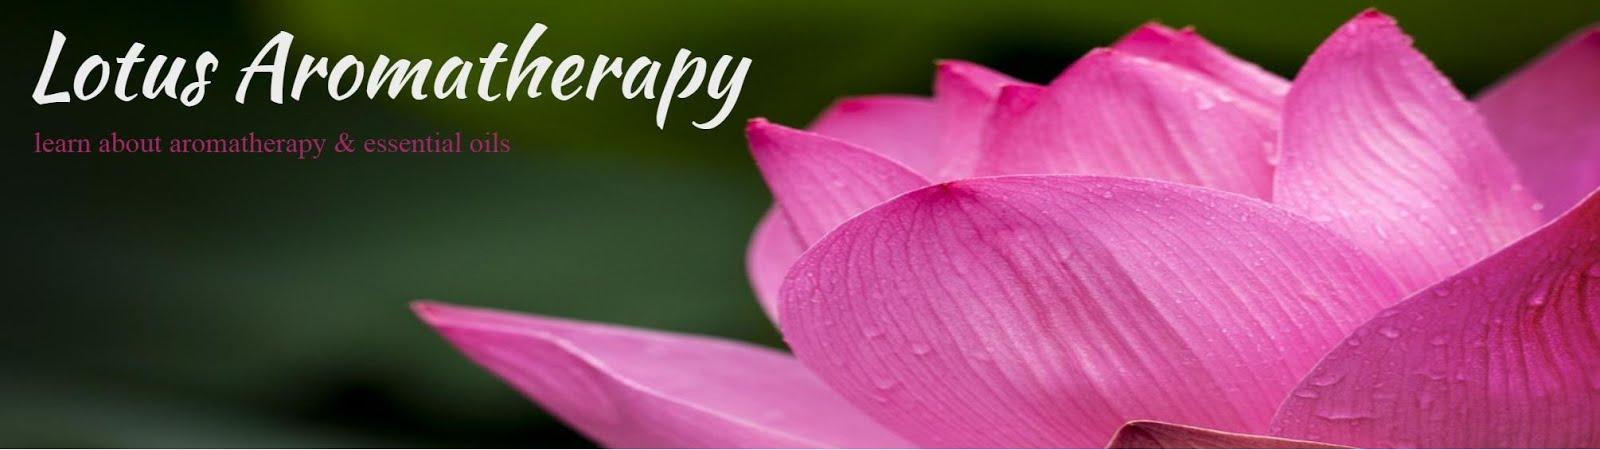 Lotus Aromatherapy